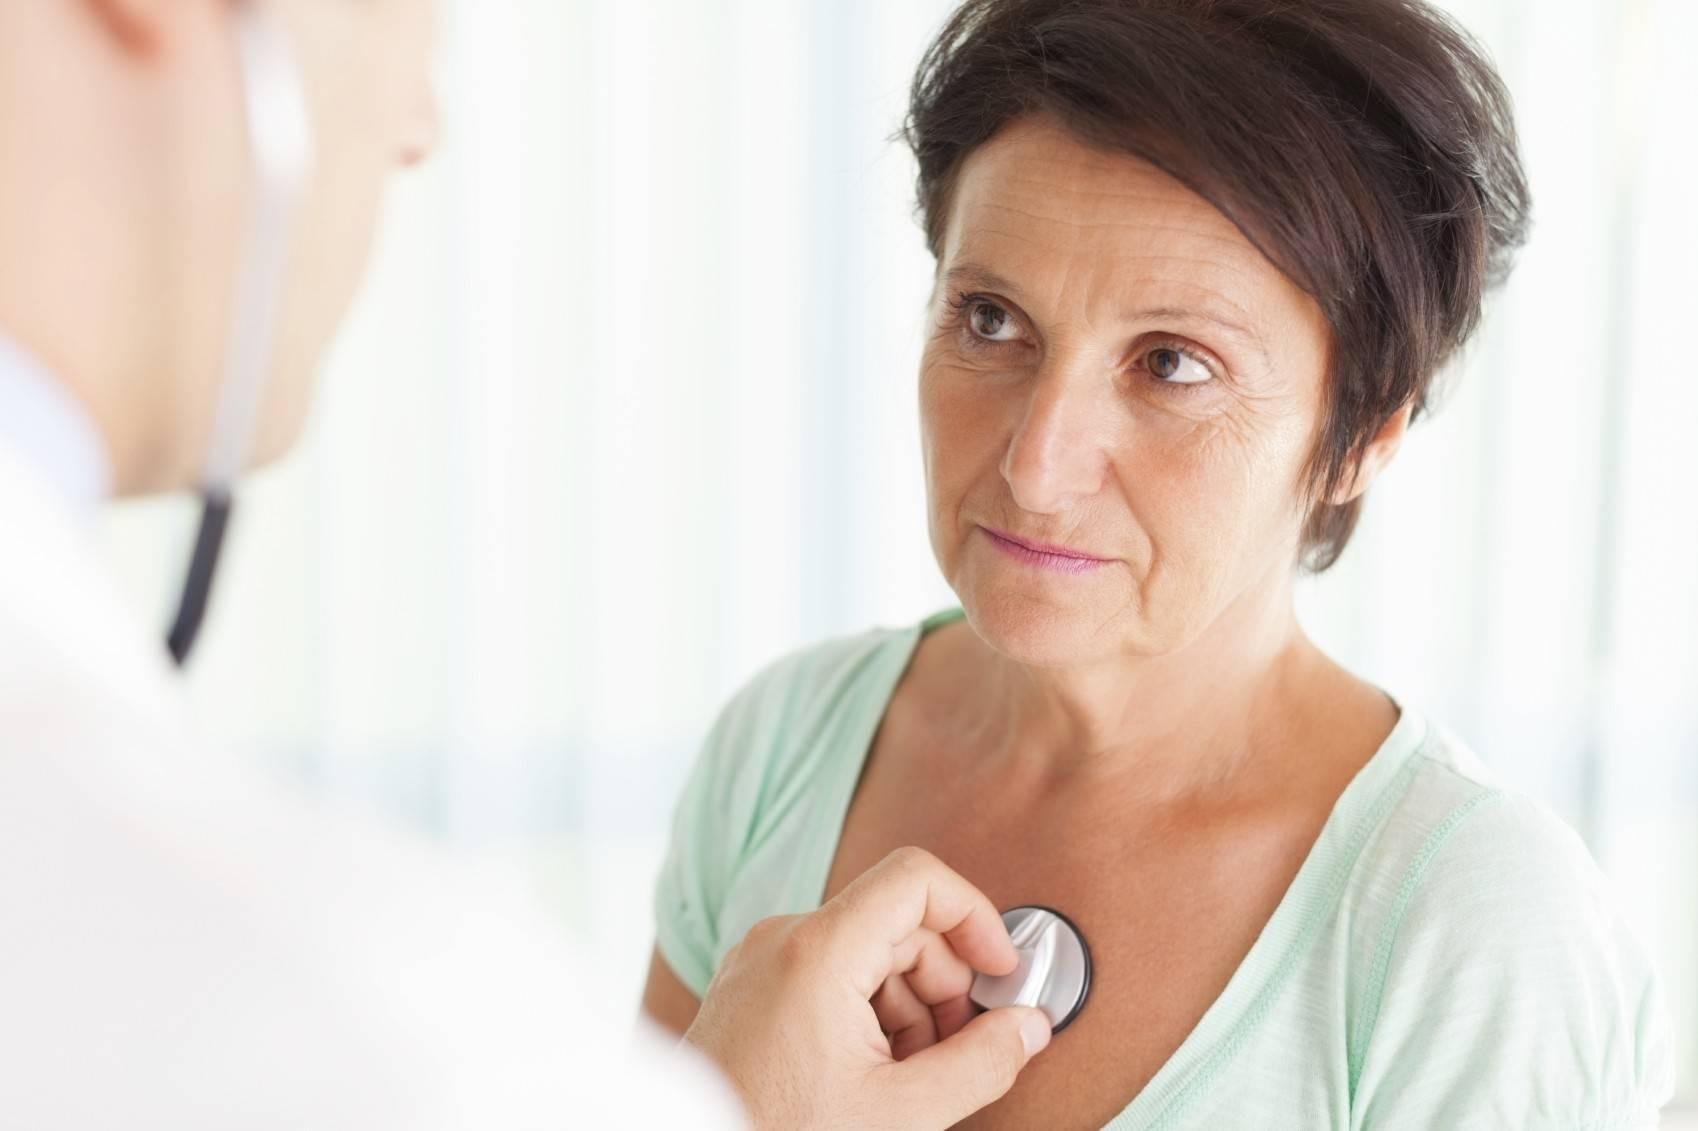 Симптомы и лечение всд у женщин